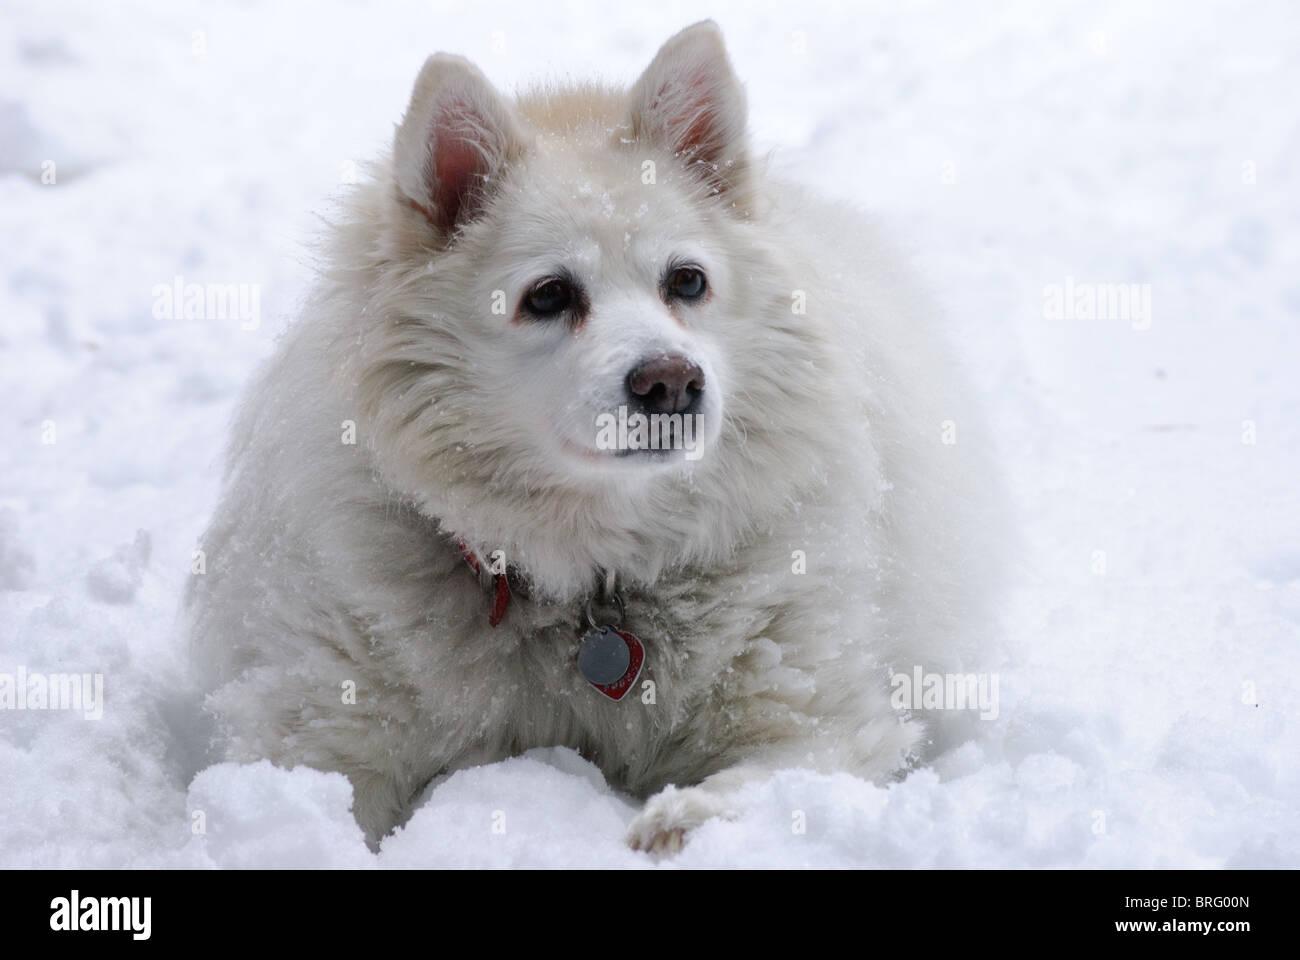 Un americano blanco perro esquimal parece calmo y tranquilo en la nieve. Foto de stock